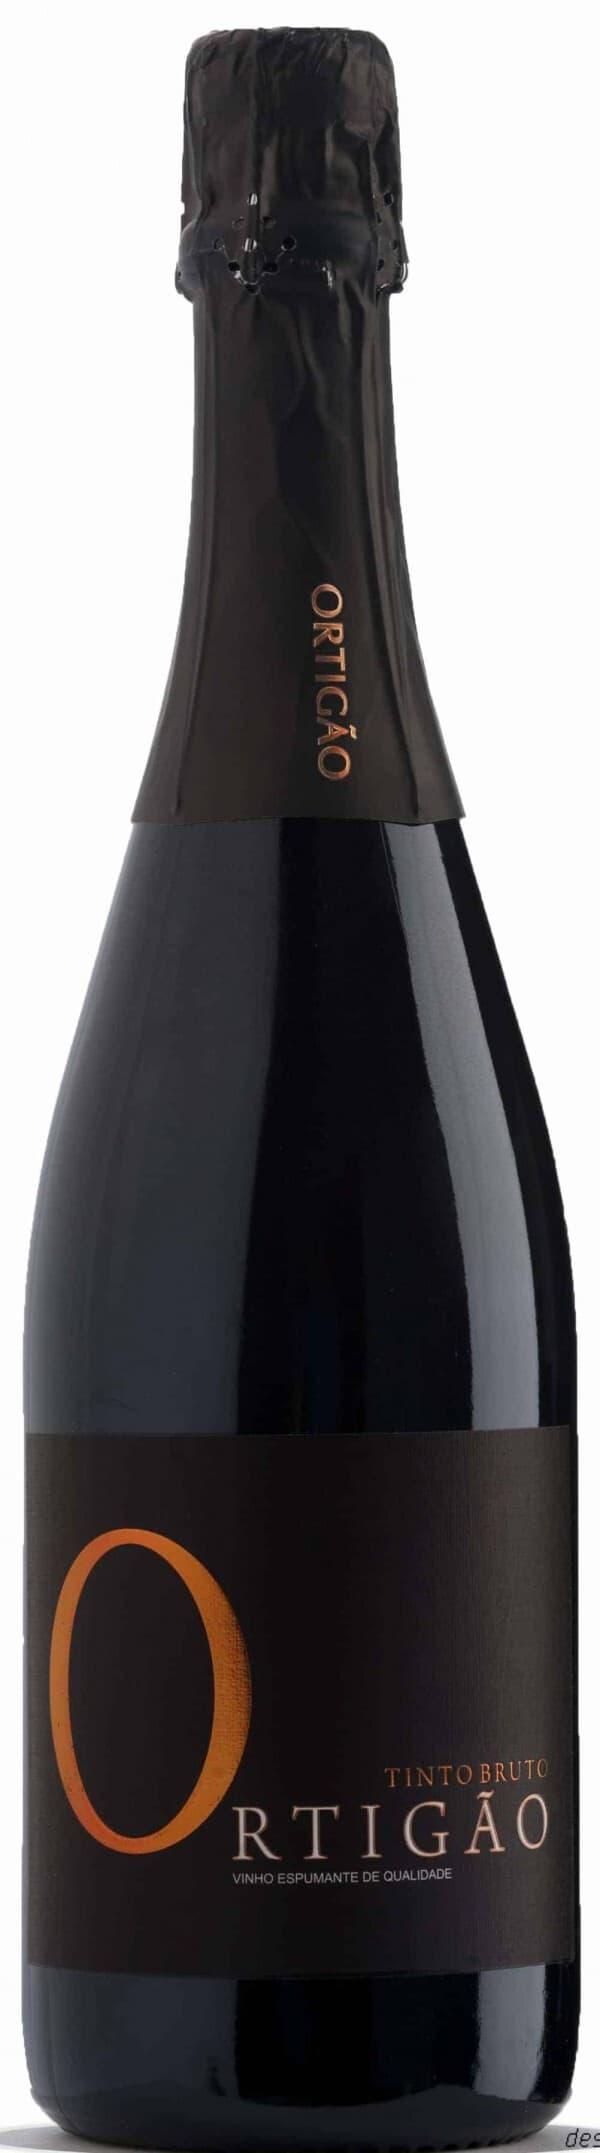 Portugalské víno Quinta do Ortigão Espumante Tinto Bruto na eshopu vín z Portugalska